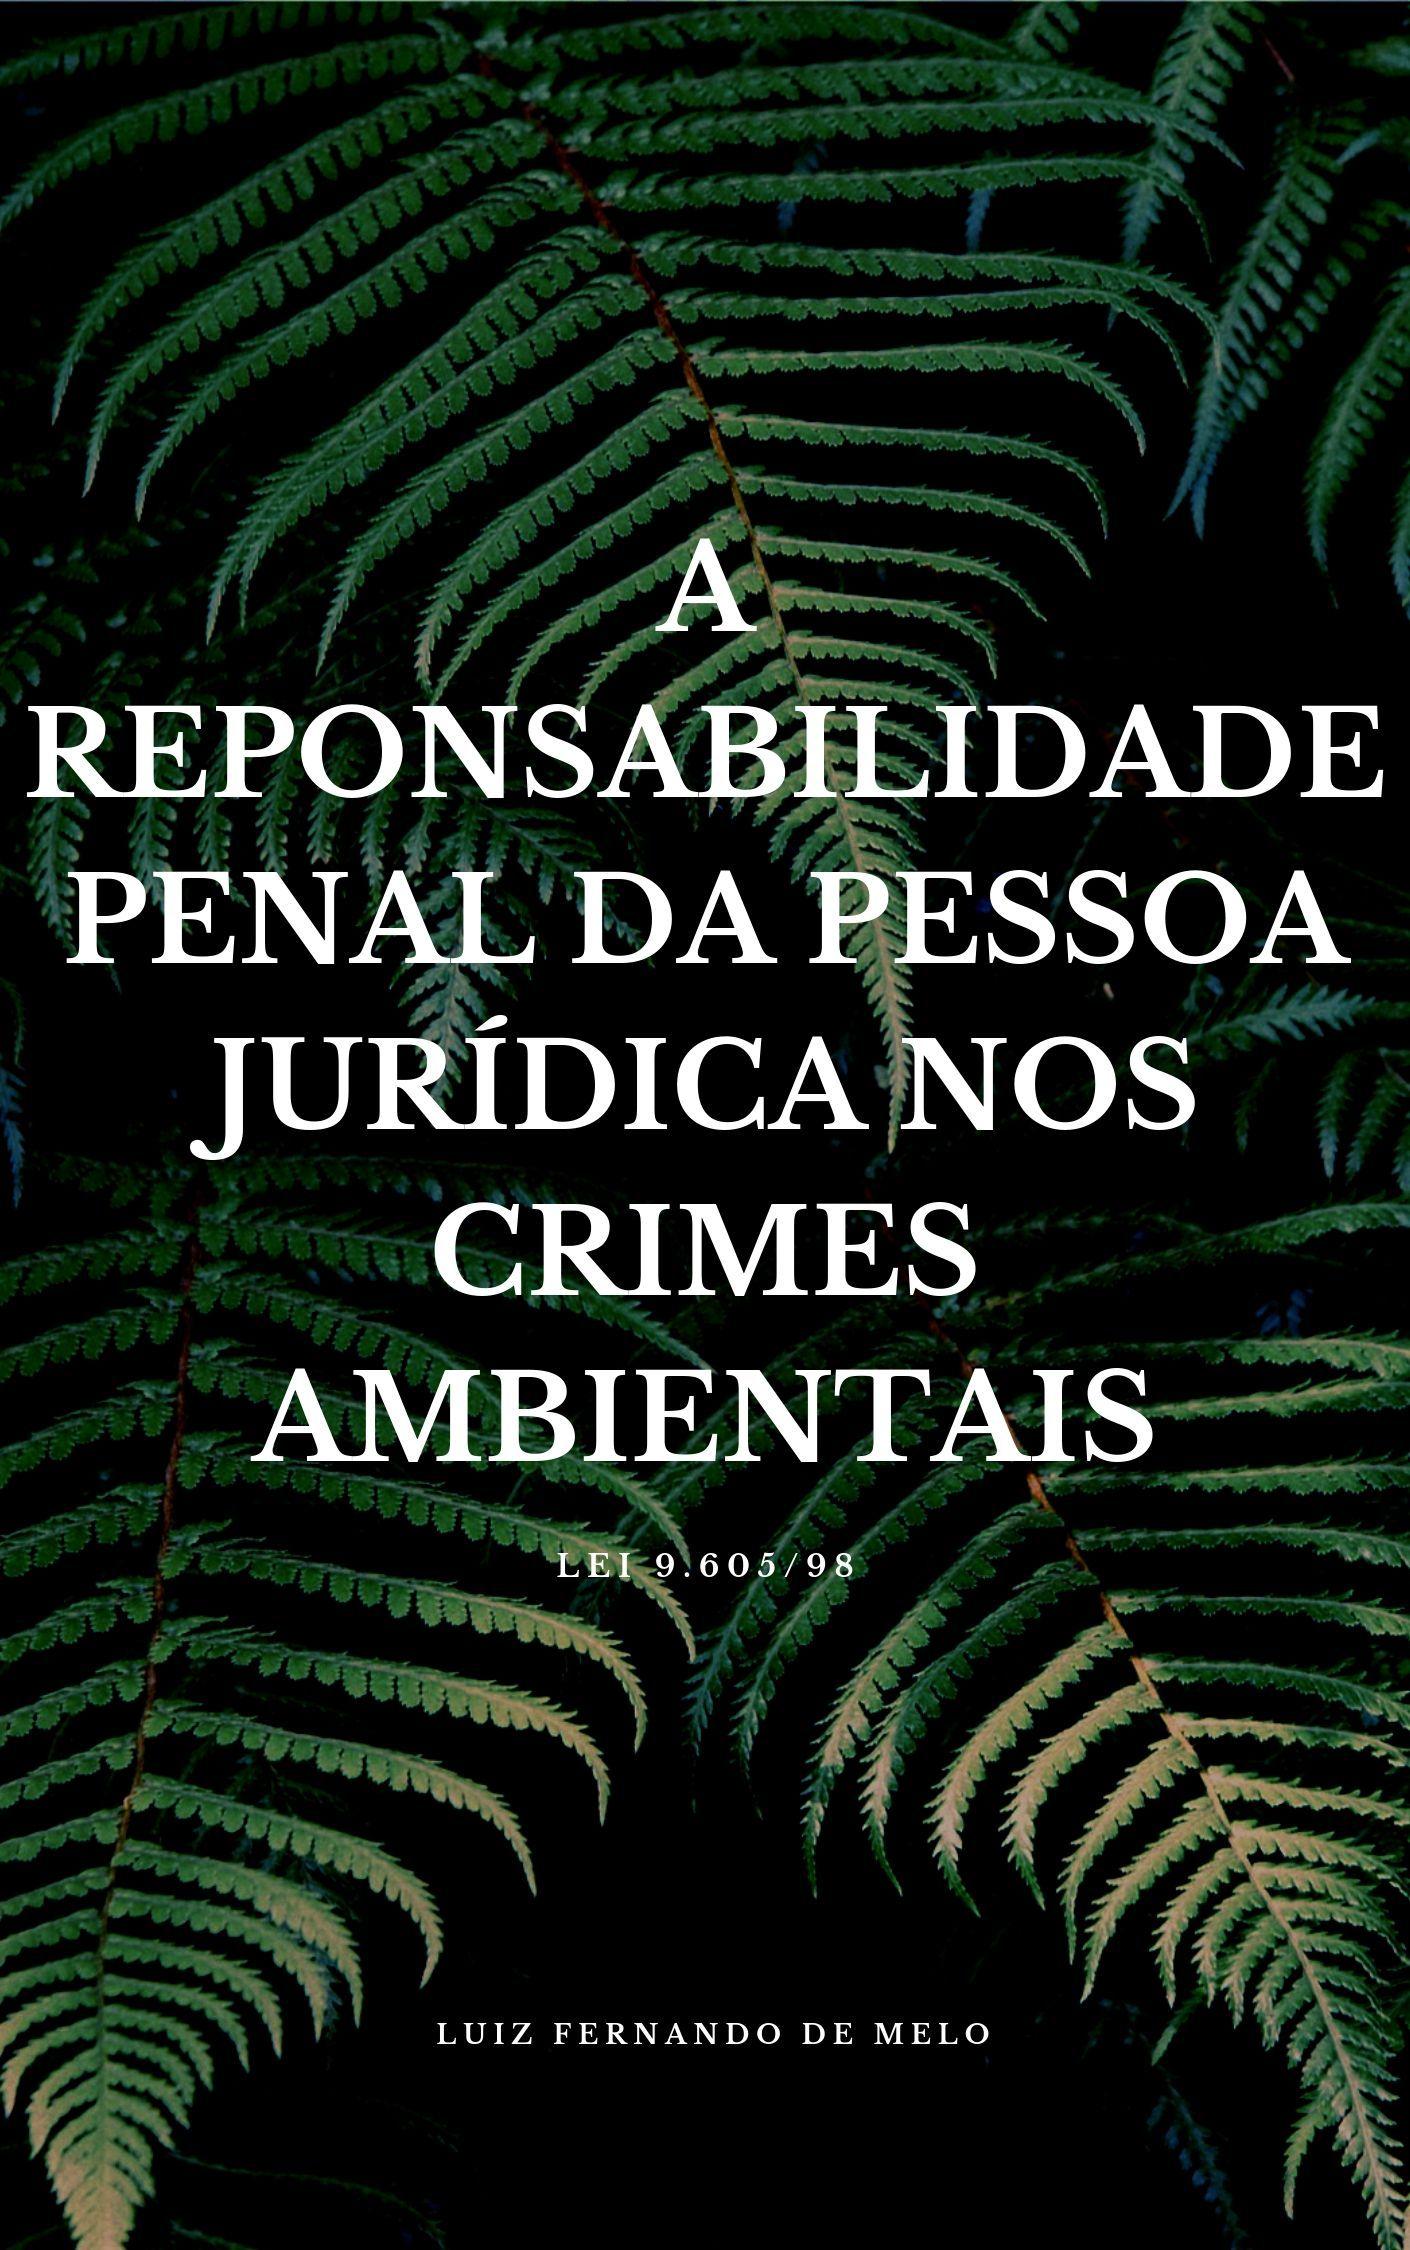 A RESPONSABILIDADE PENAL DA PESSOA JURÍDICA NOS CRIMES AMBIENTAIS